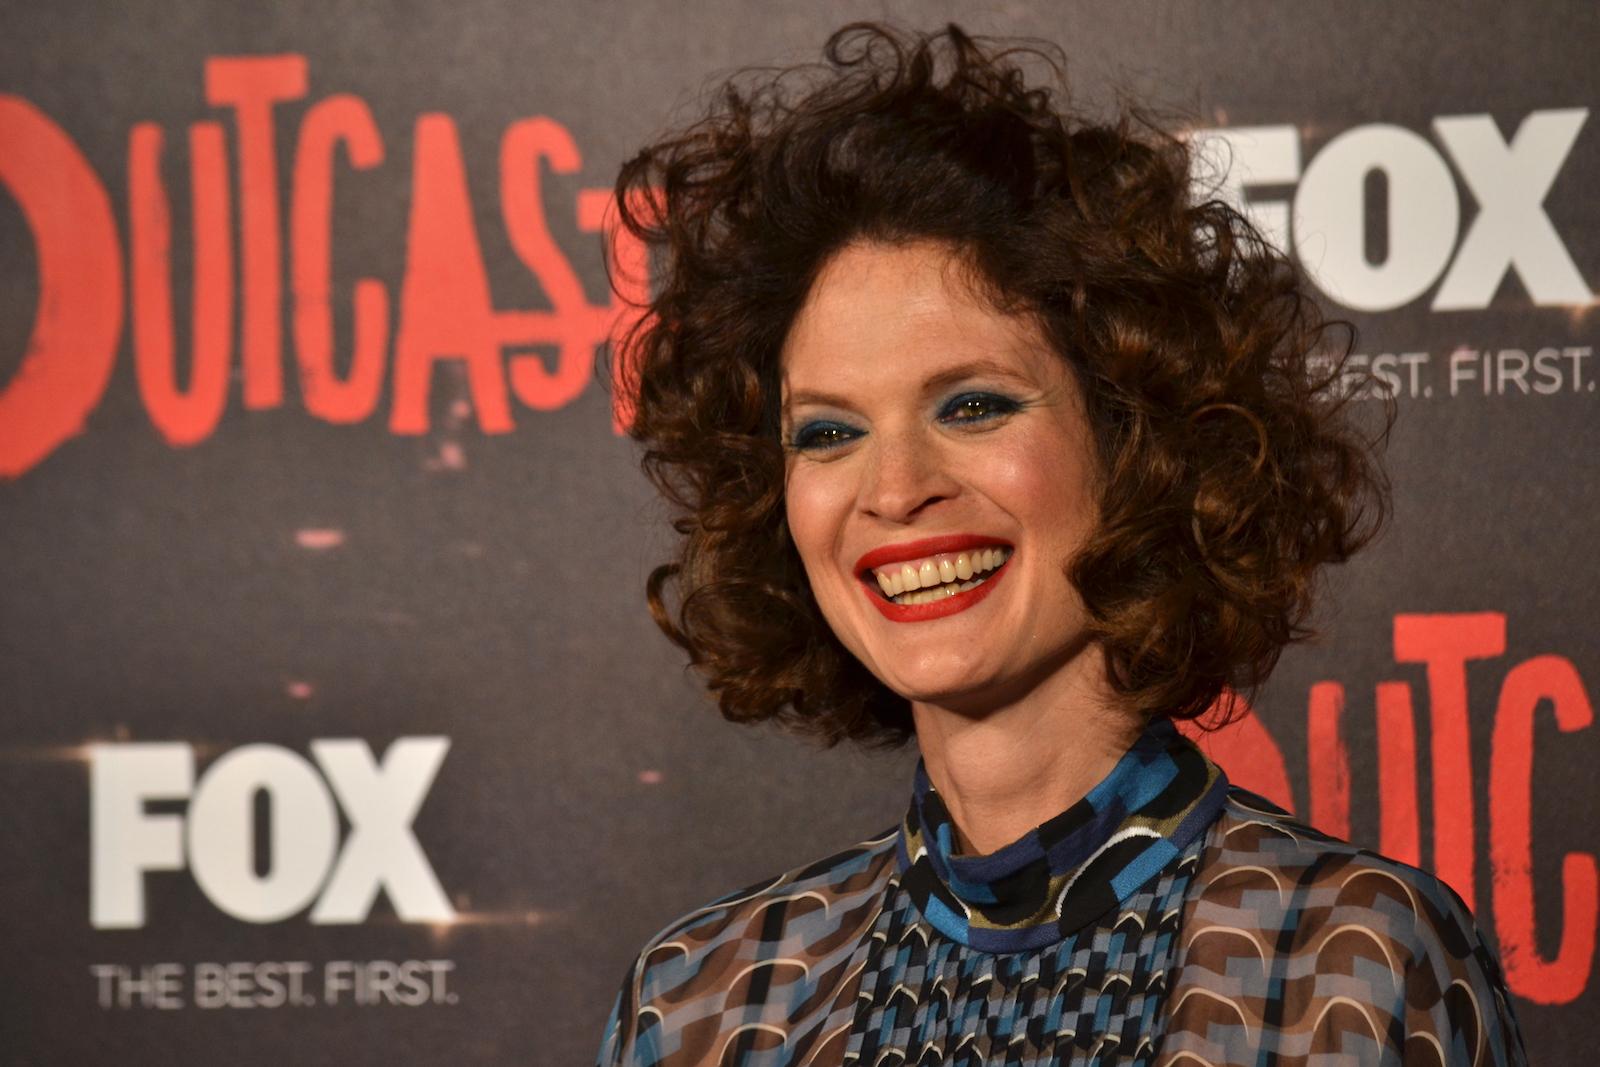 Outcast: Jane Alexander sul red carpet della premiere europea